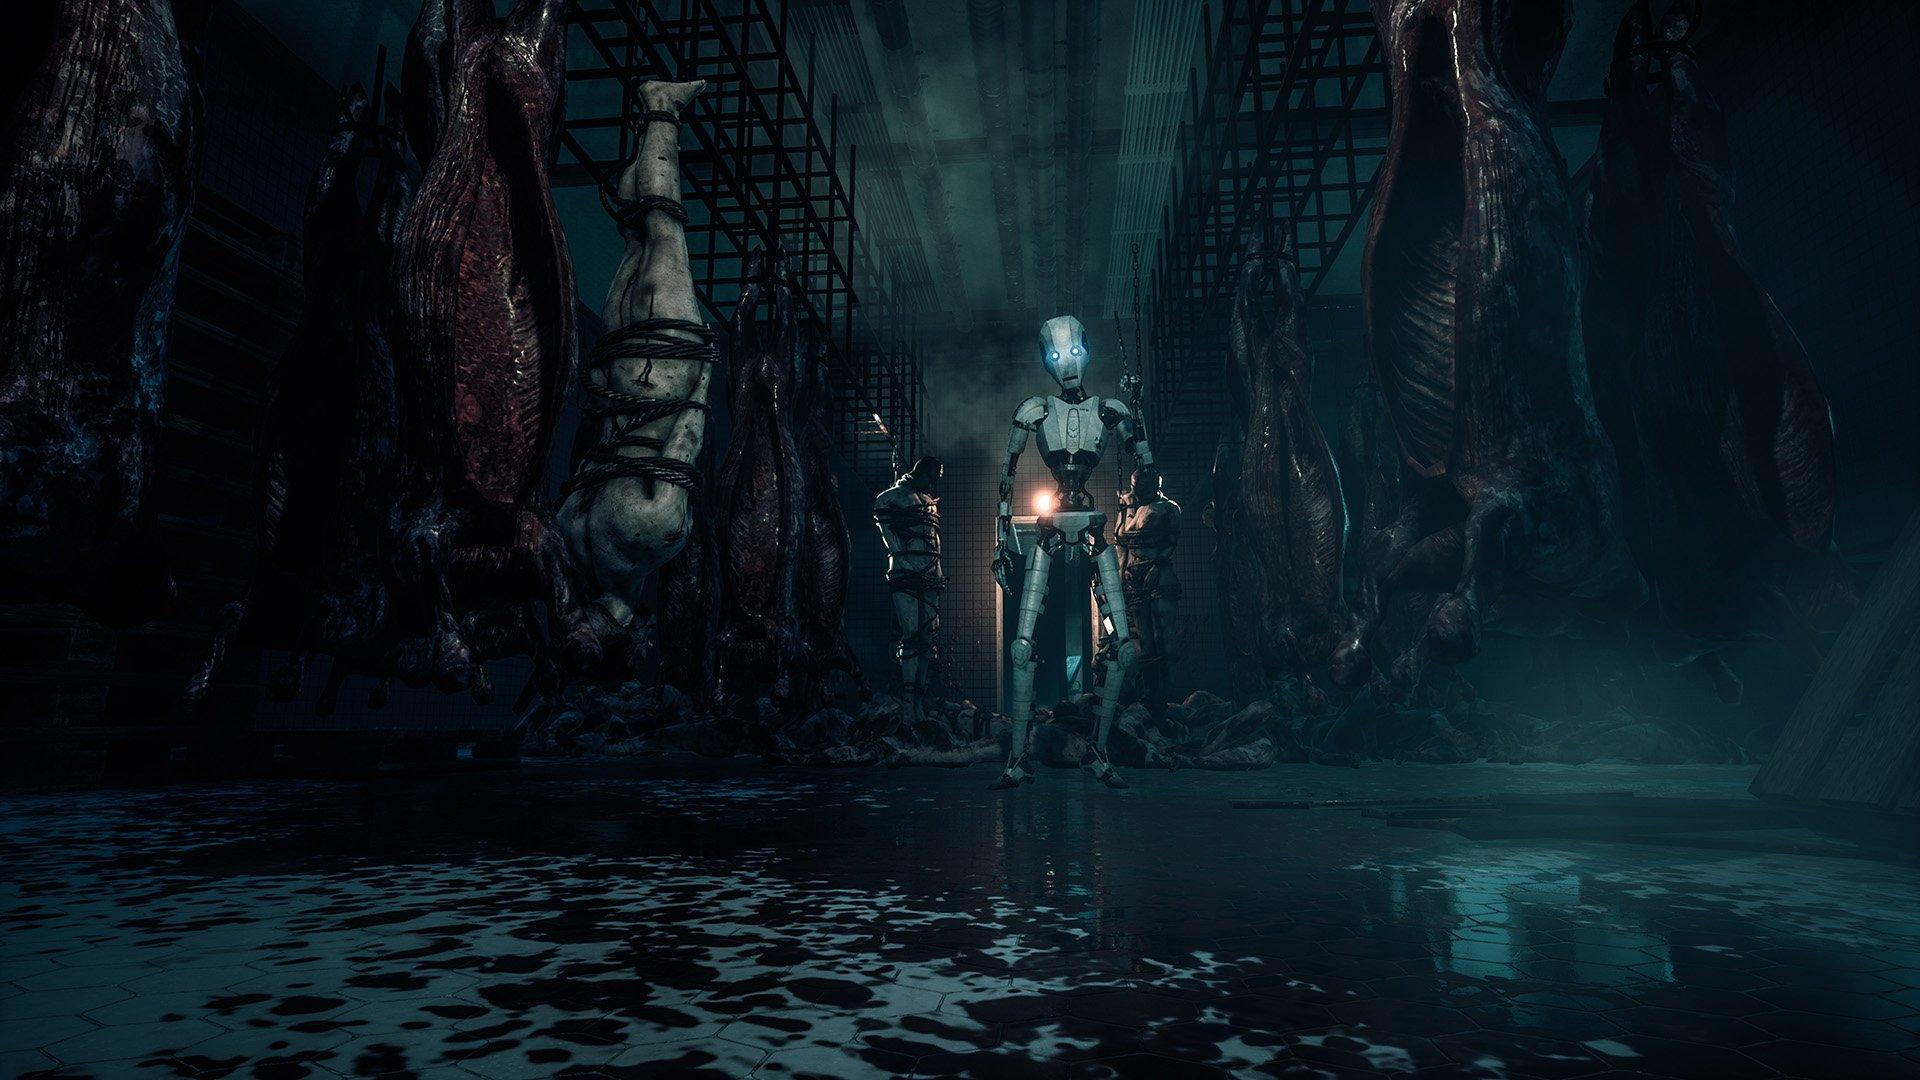 ABE revealed at E3 2019